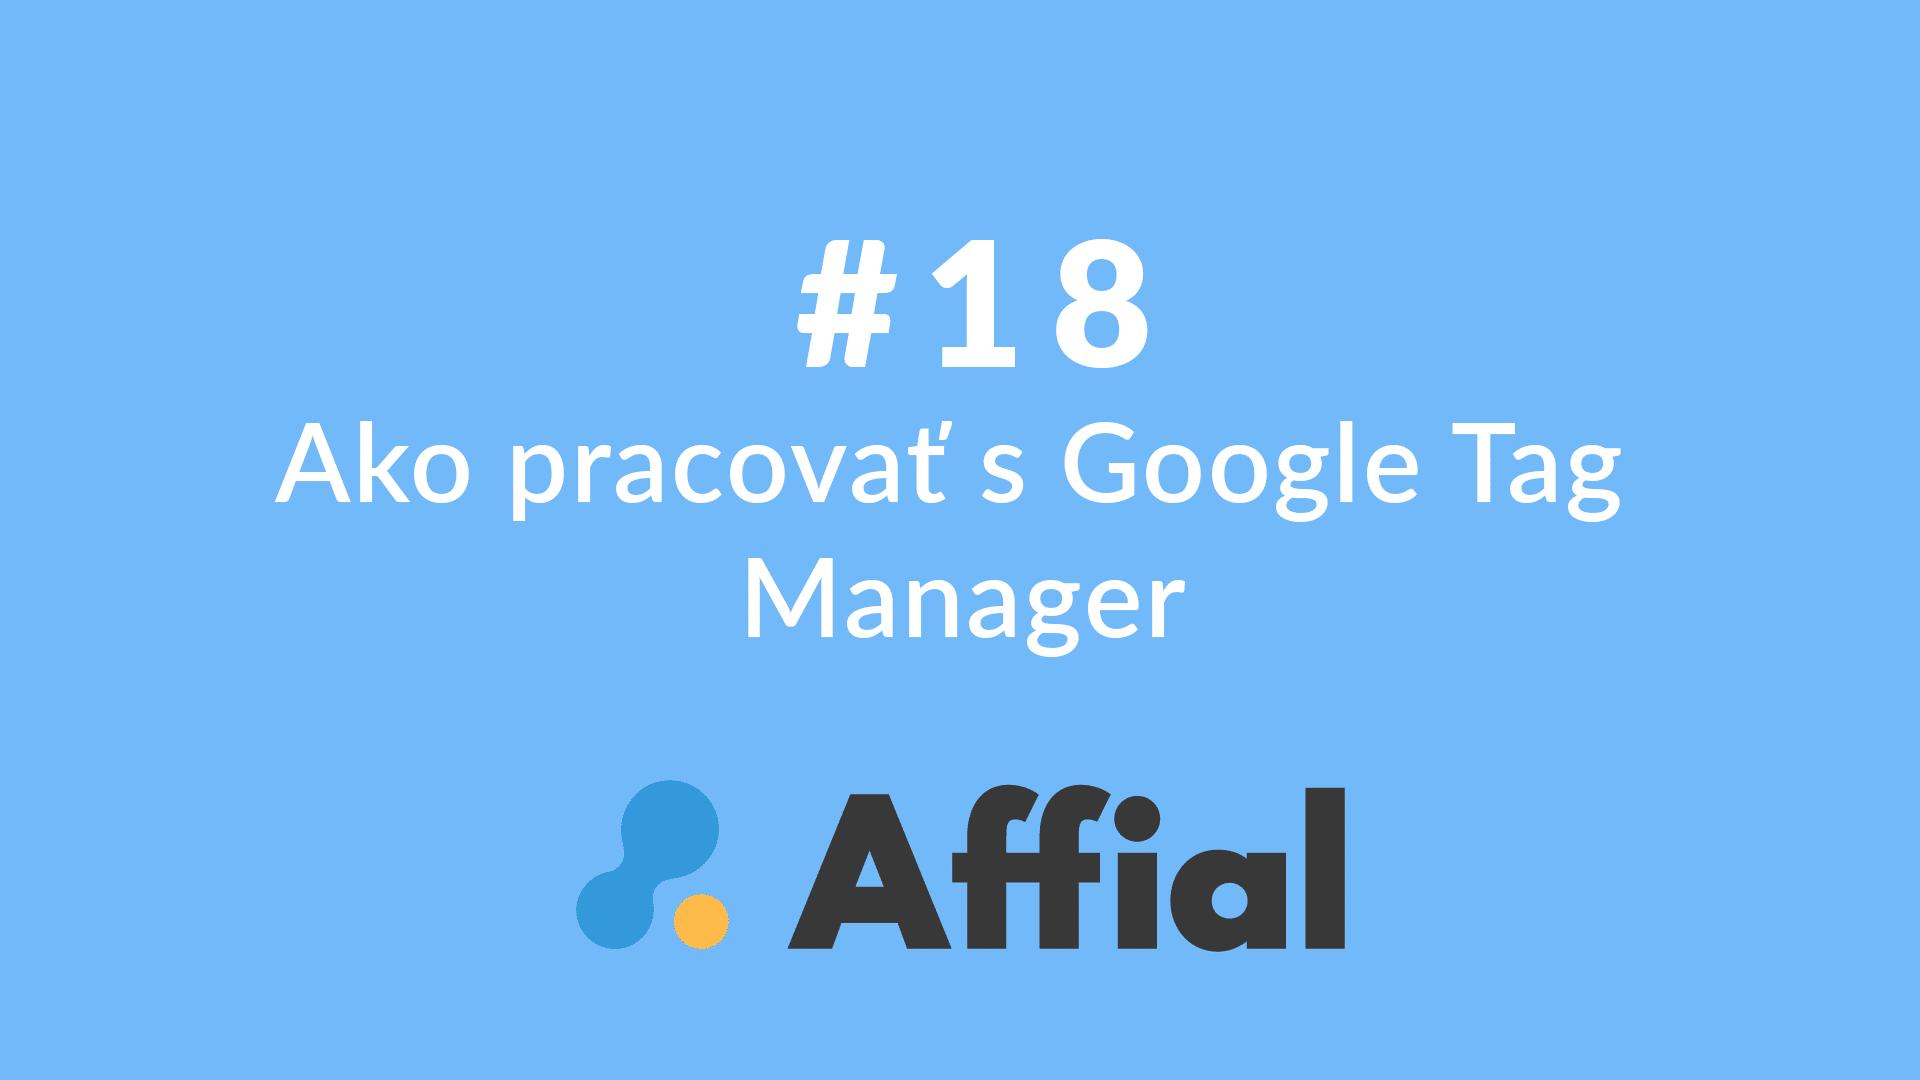 Affial Univerzita 18 - Google Tag Manager